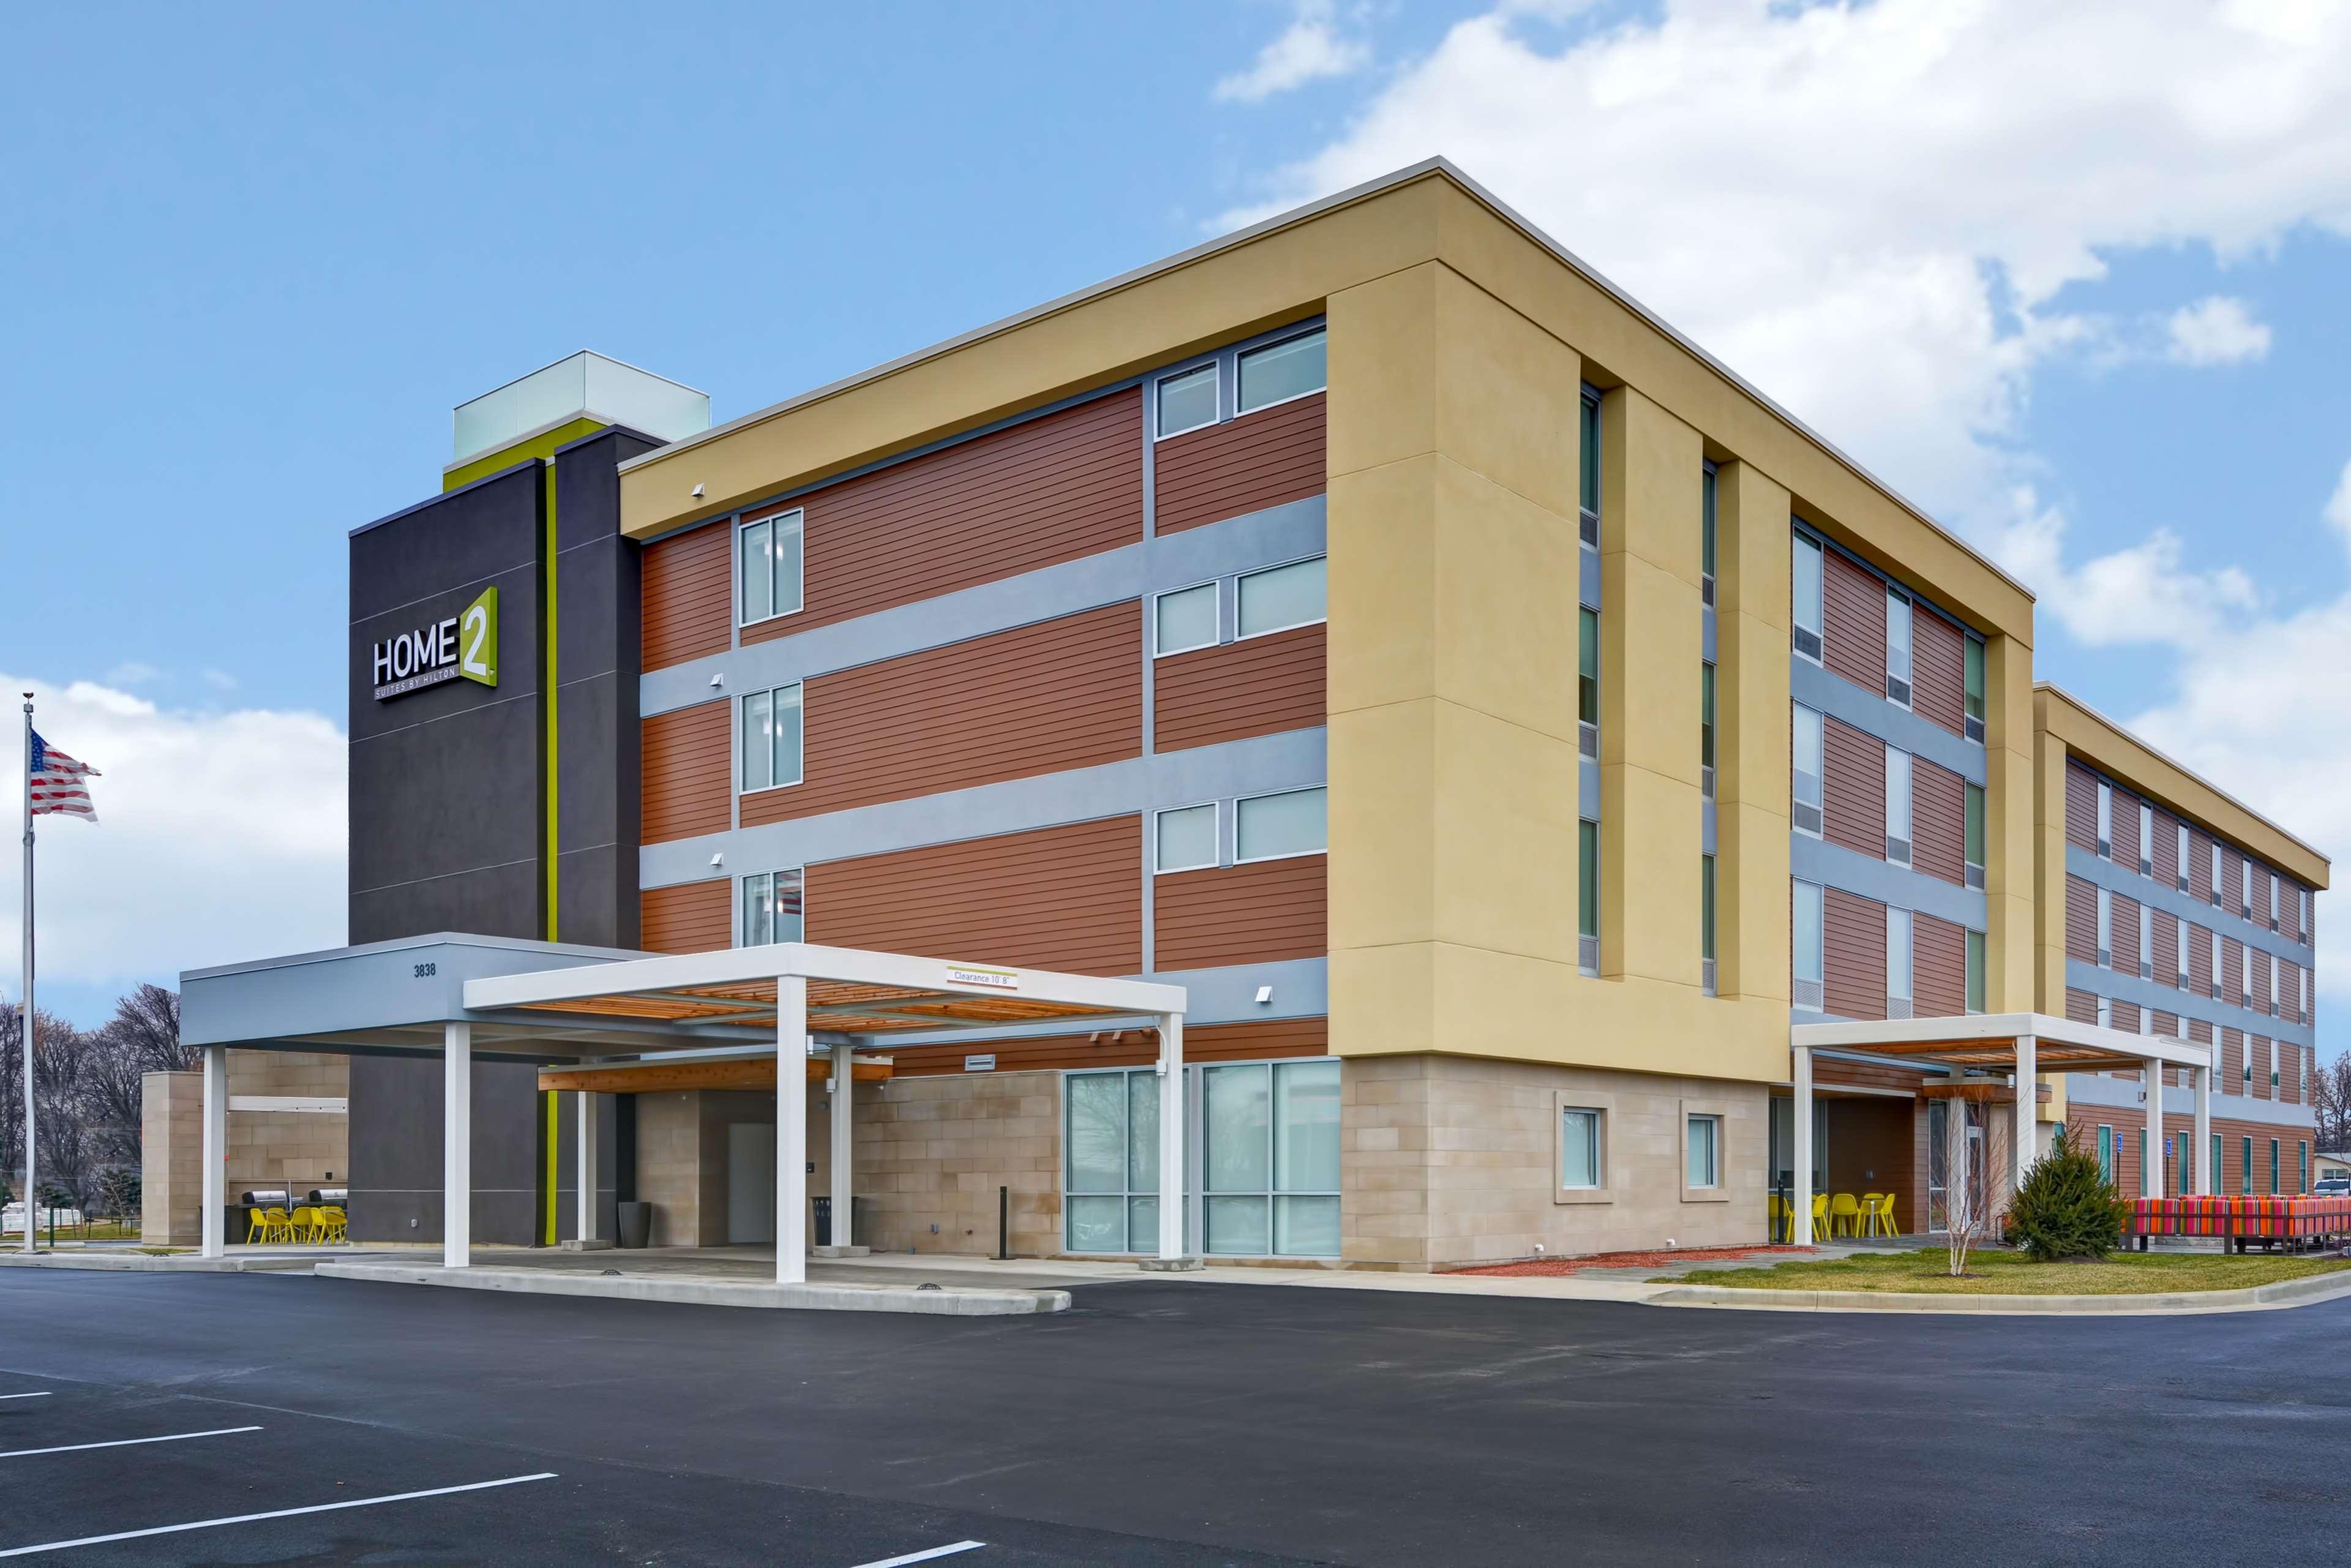 Home2 Suites by Hilton Lafayette image 0